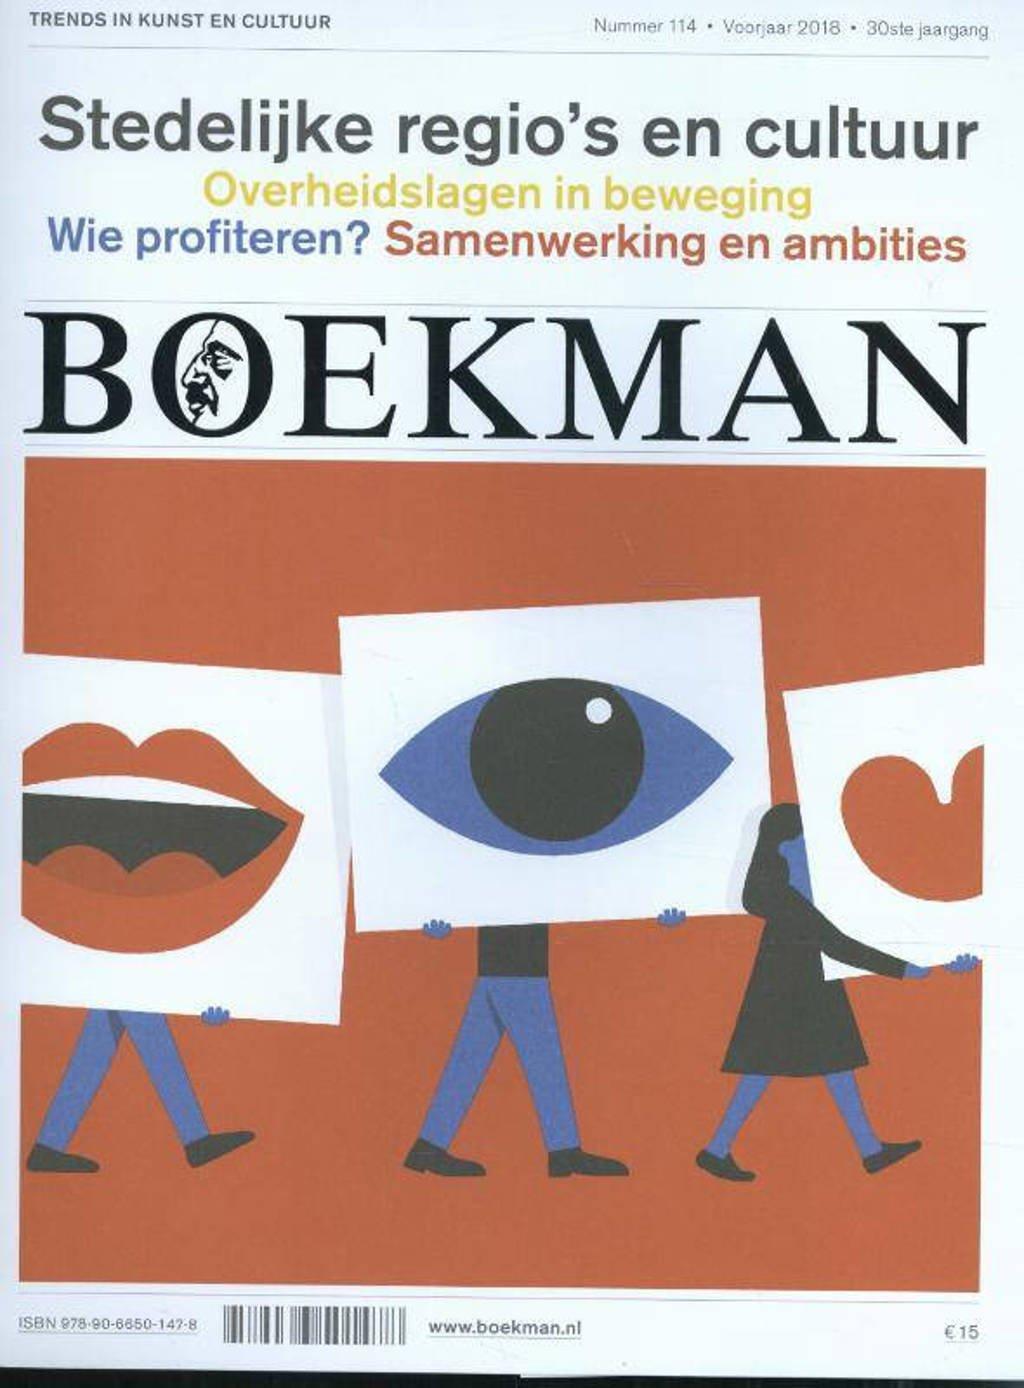 Boekman: Stedelijke regio's en cultuur 114